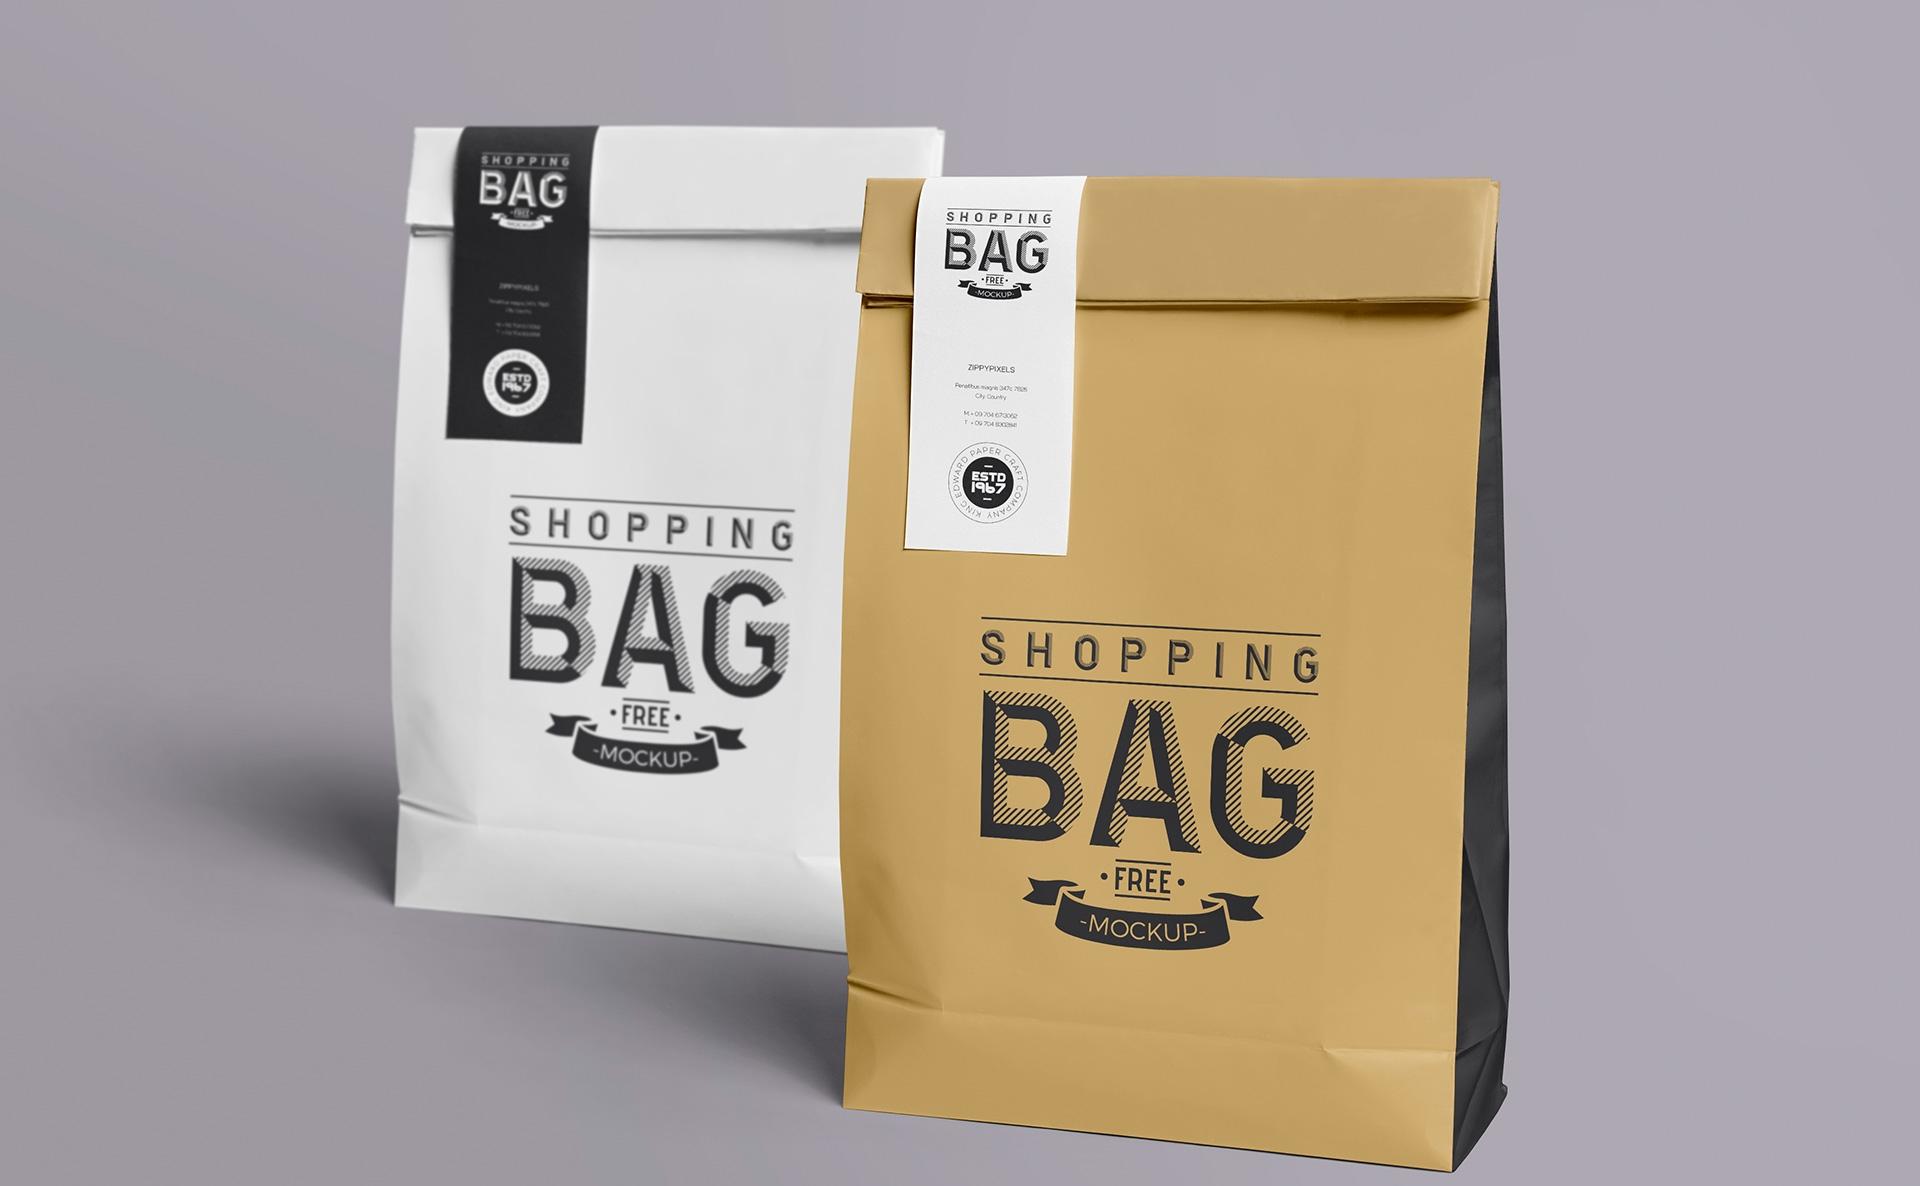 高端牛皮纸场景样机  标签样机146-shopping-bag-mockup-free